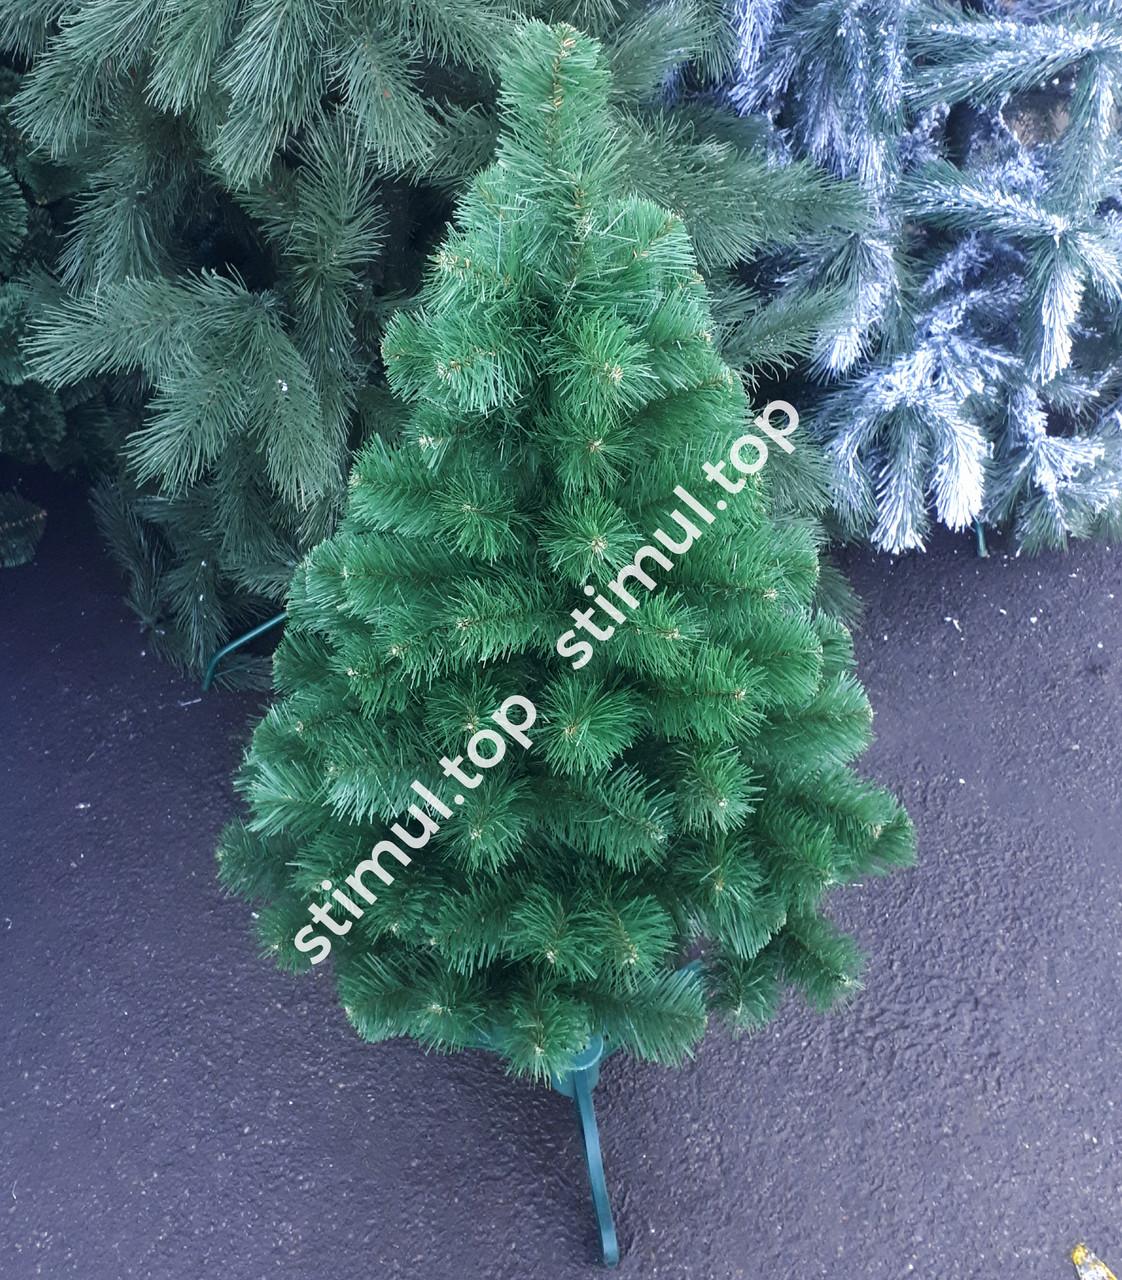 Елка искусственная ПВХ 180 см ▶ Зелёная новогодняя ель 1.8 м ▶ Ялинка штучна